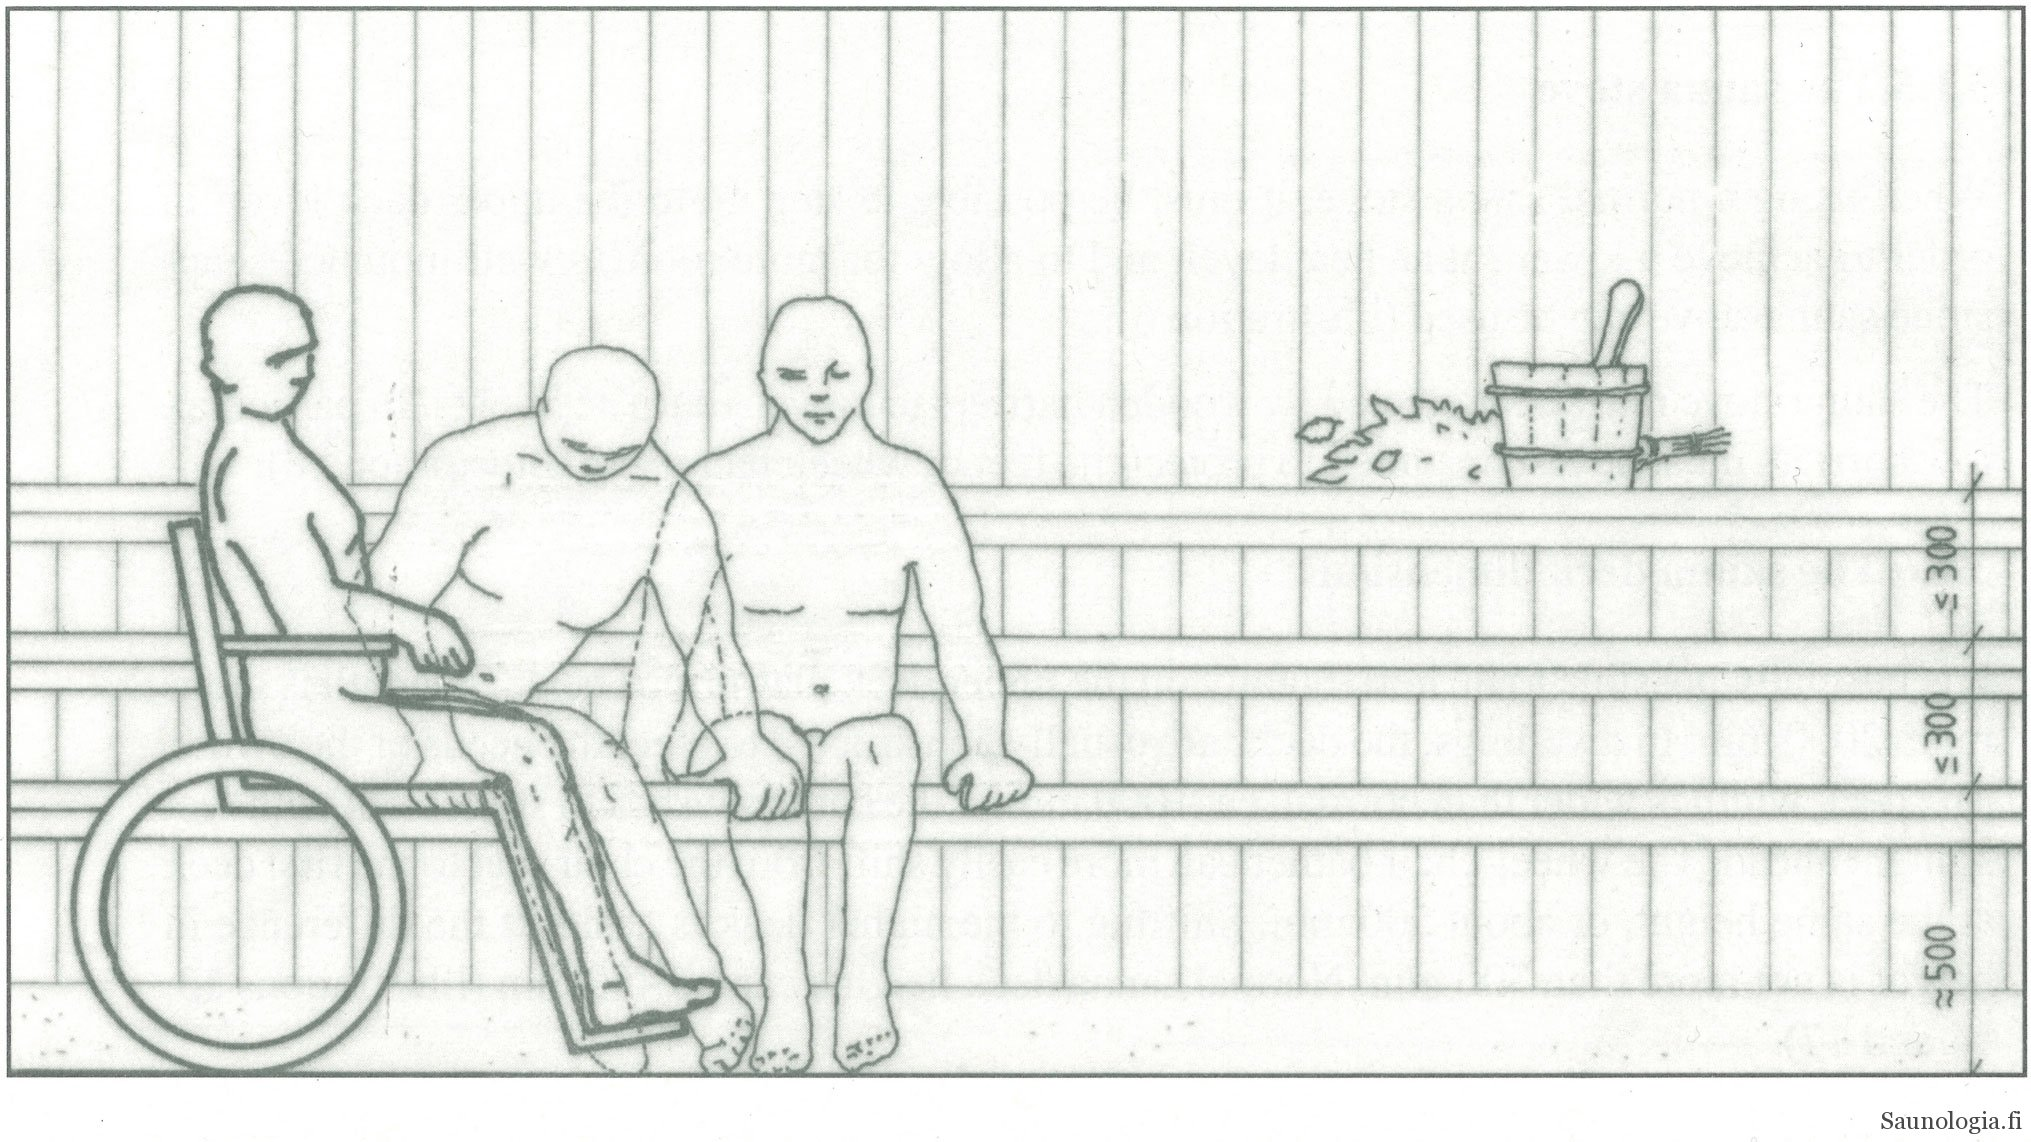 Esteetön sauna – suunnittelu, erikoisratkaisut ja esteettömyyden toteutuminen